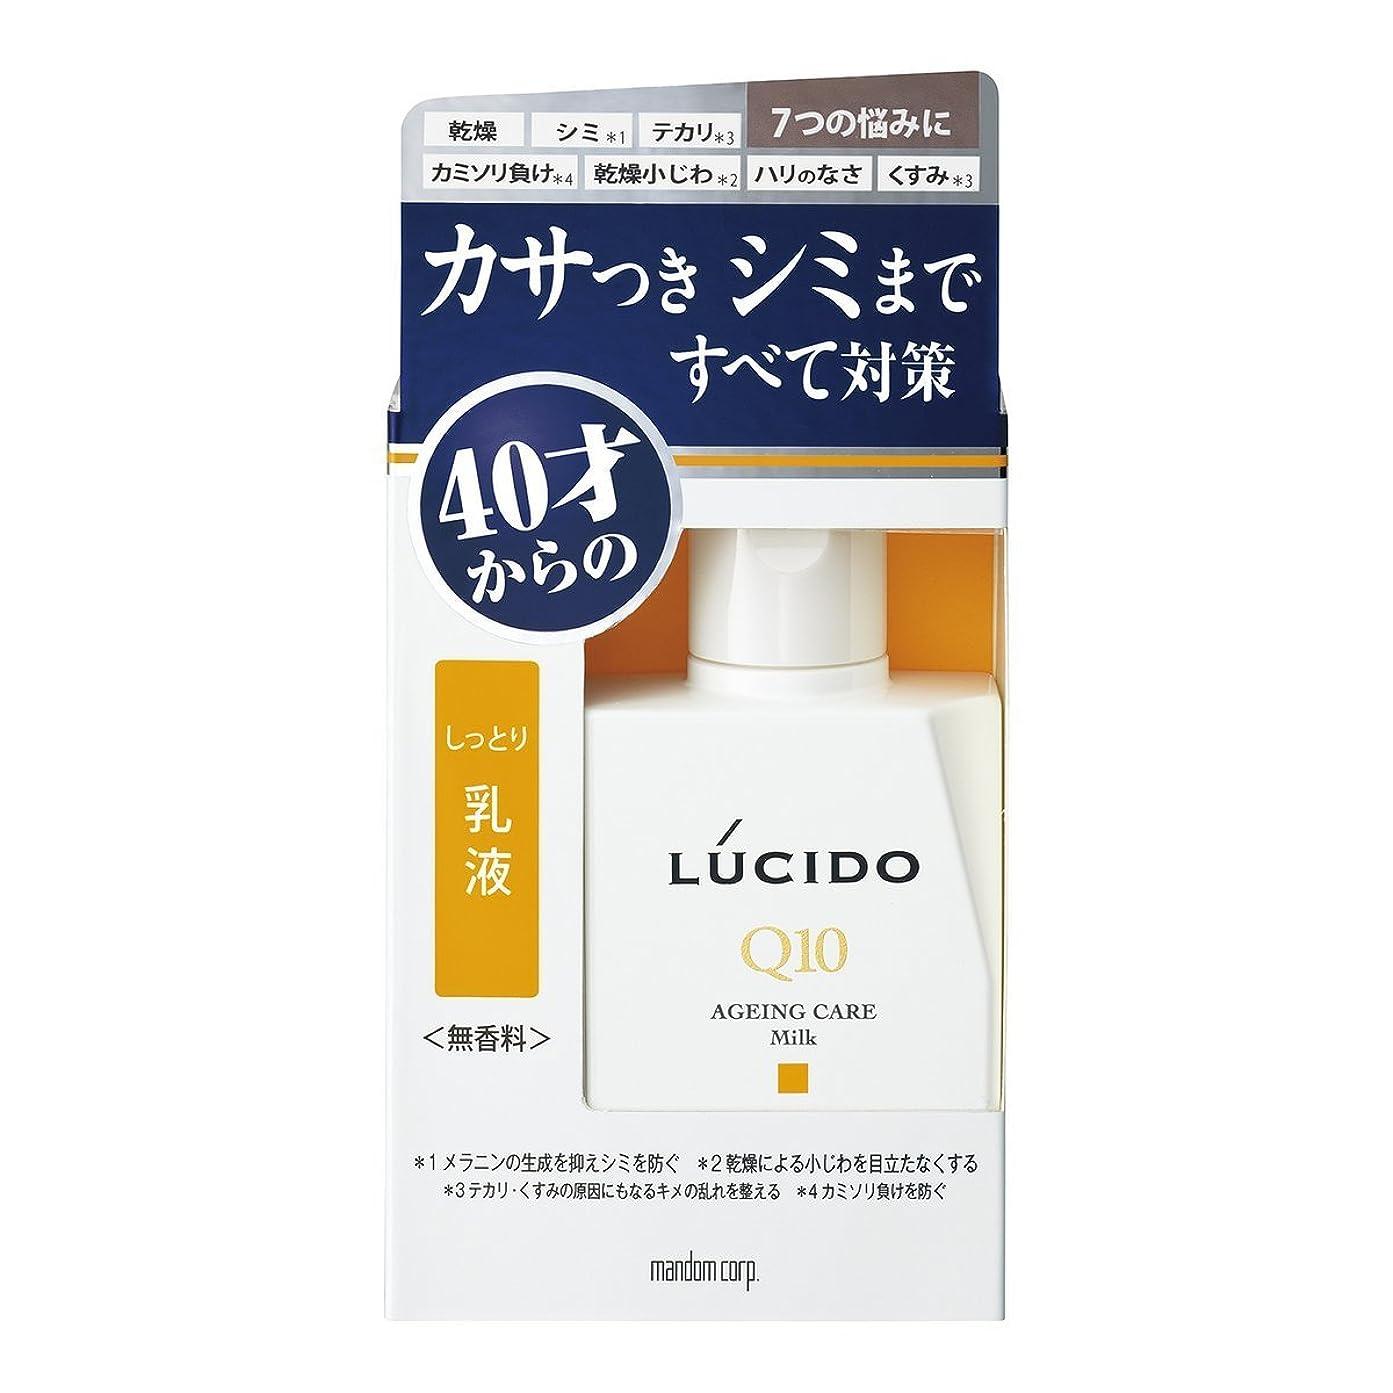 シャンプー教育者支払うルシード 薬用 トータルケア乳液 100mL(医薬部外品)